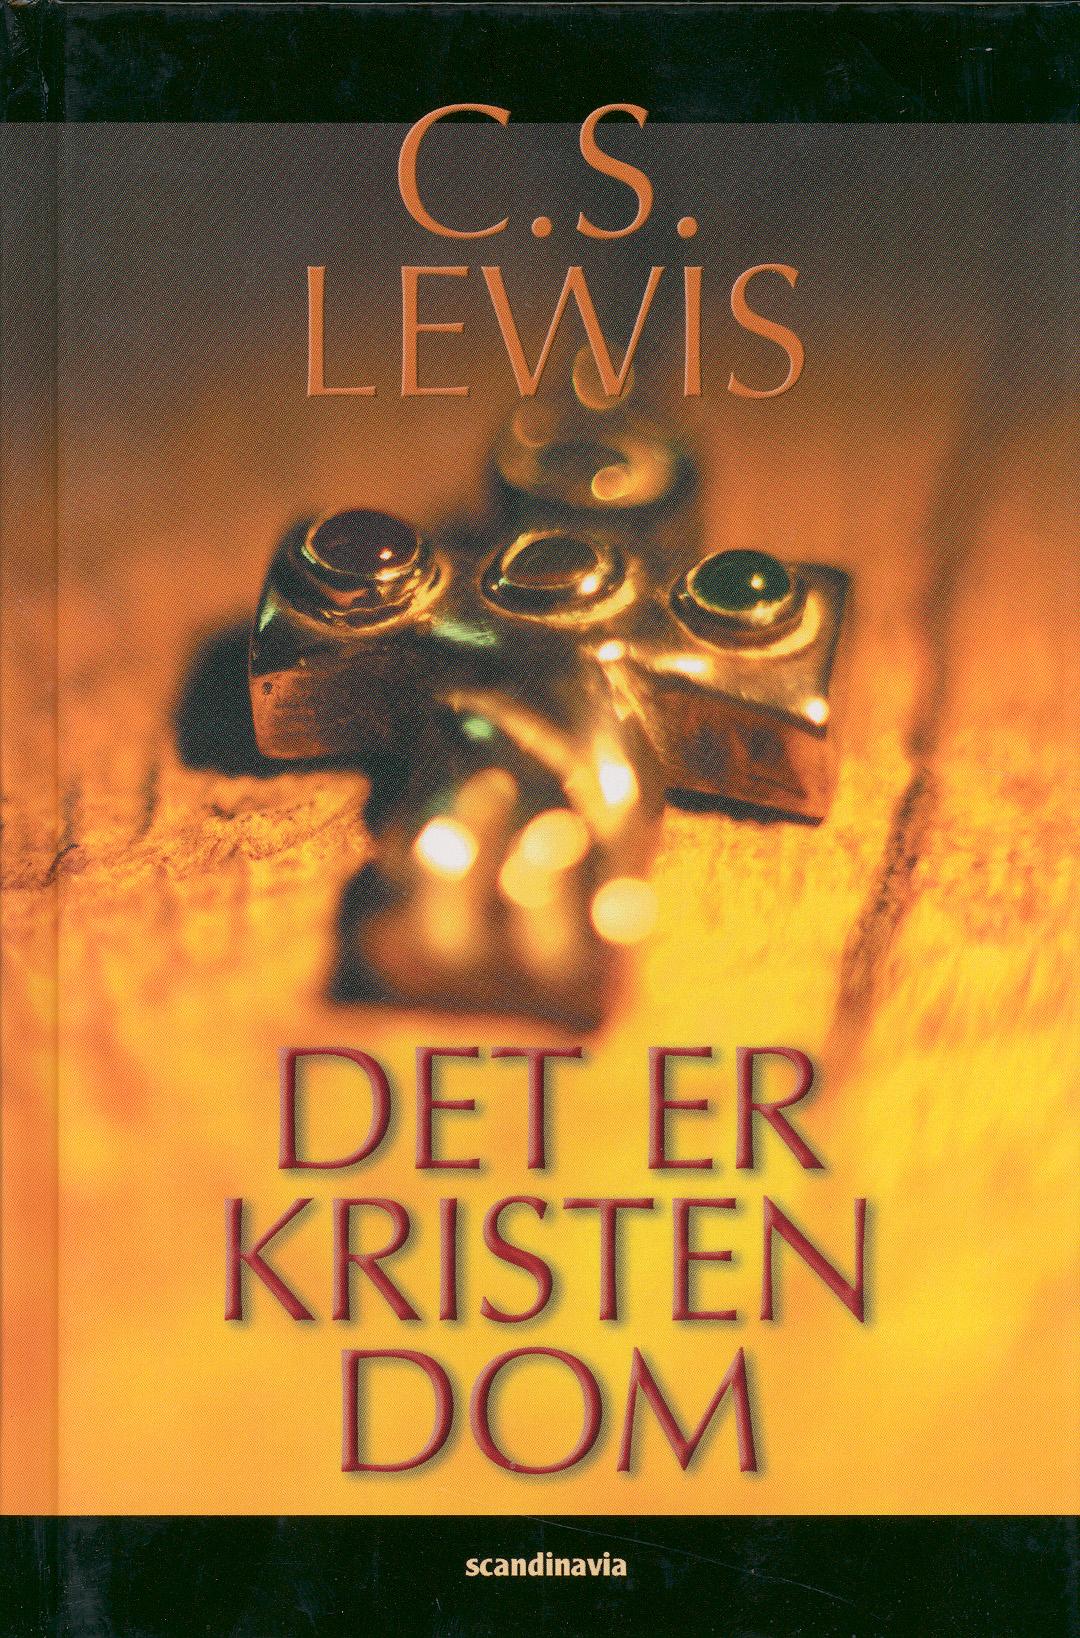 Det er kristendom - e-bog fra N/A fra bog & mystik